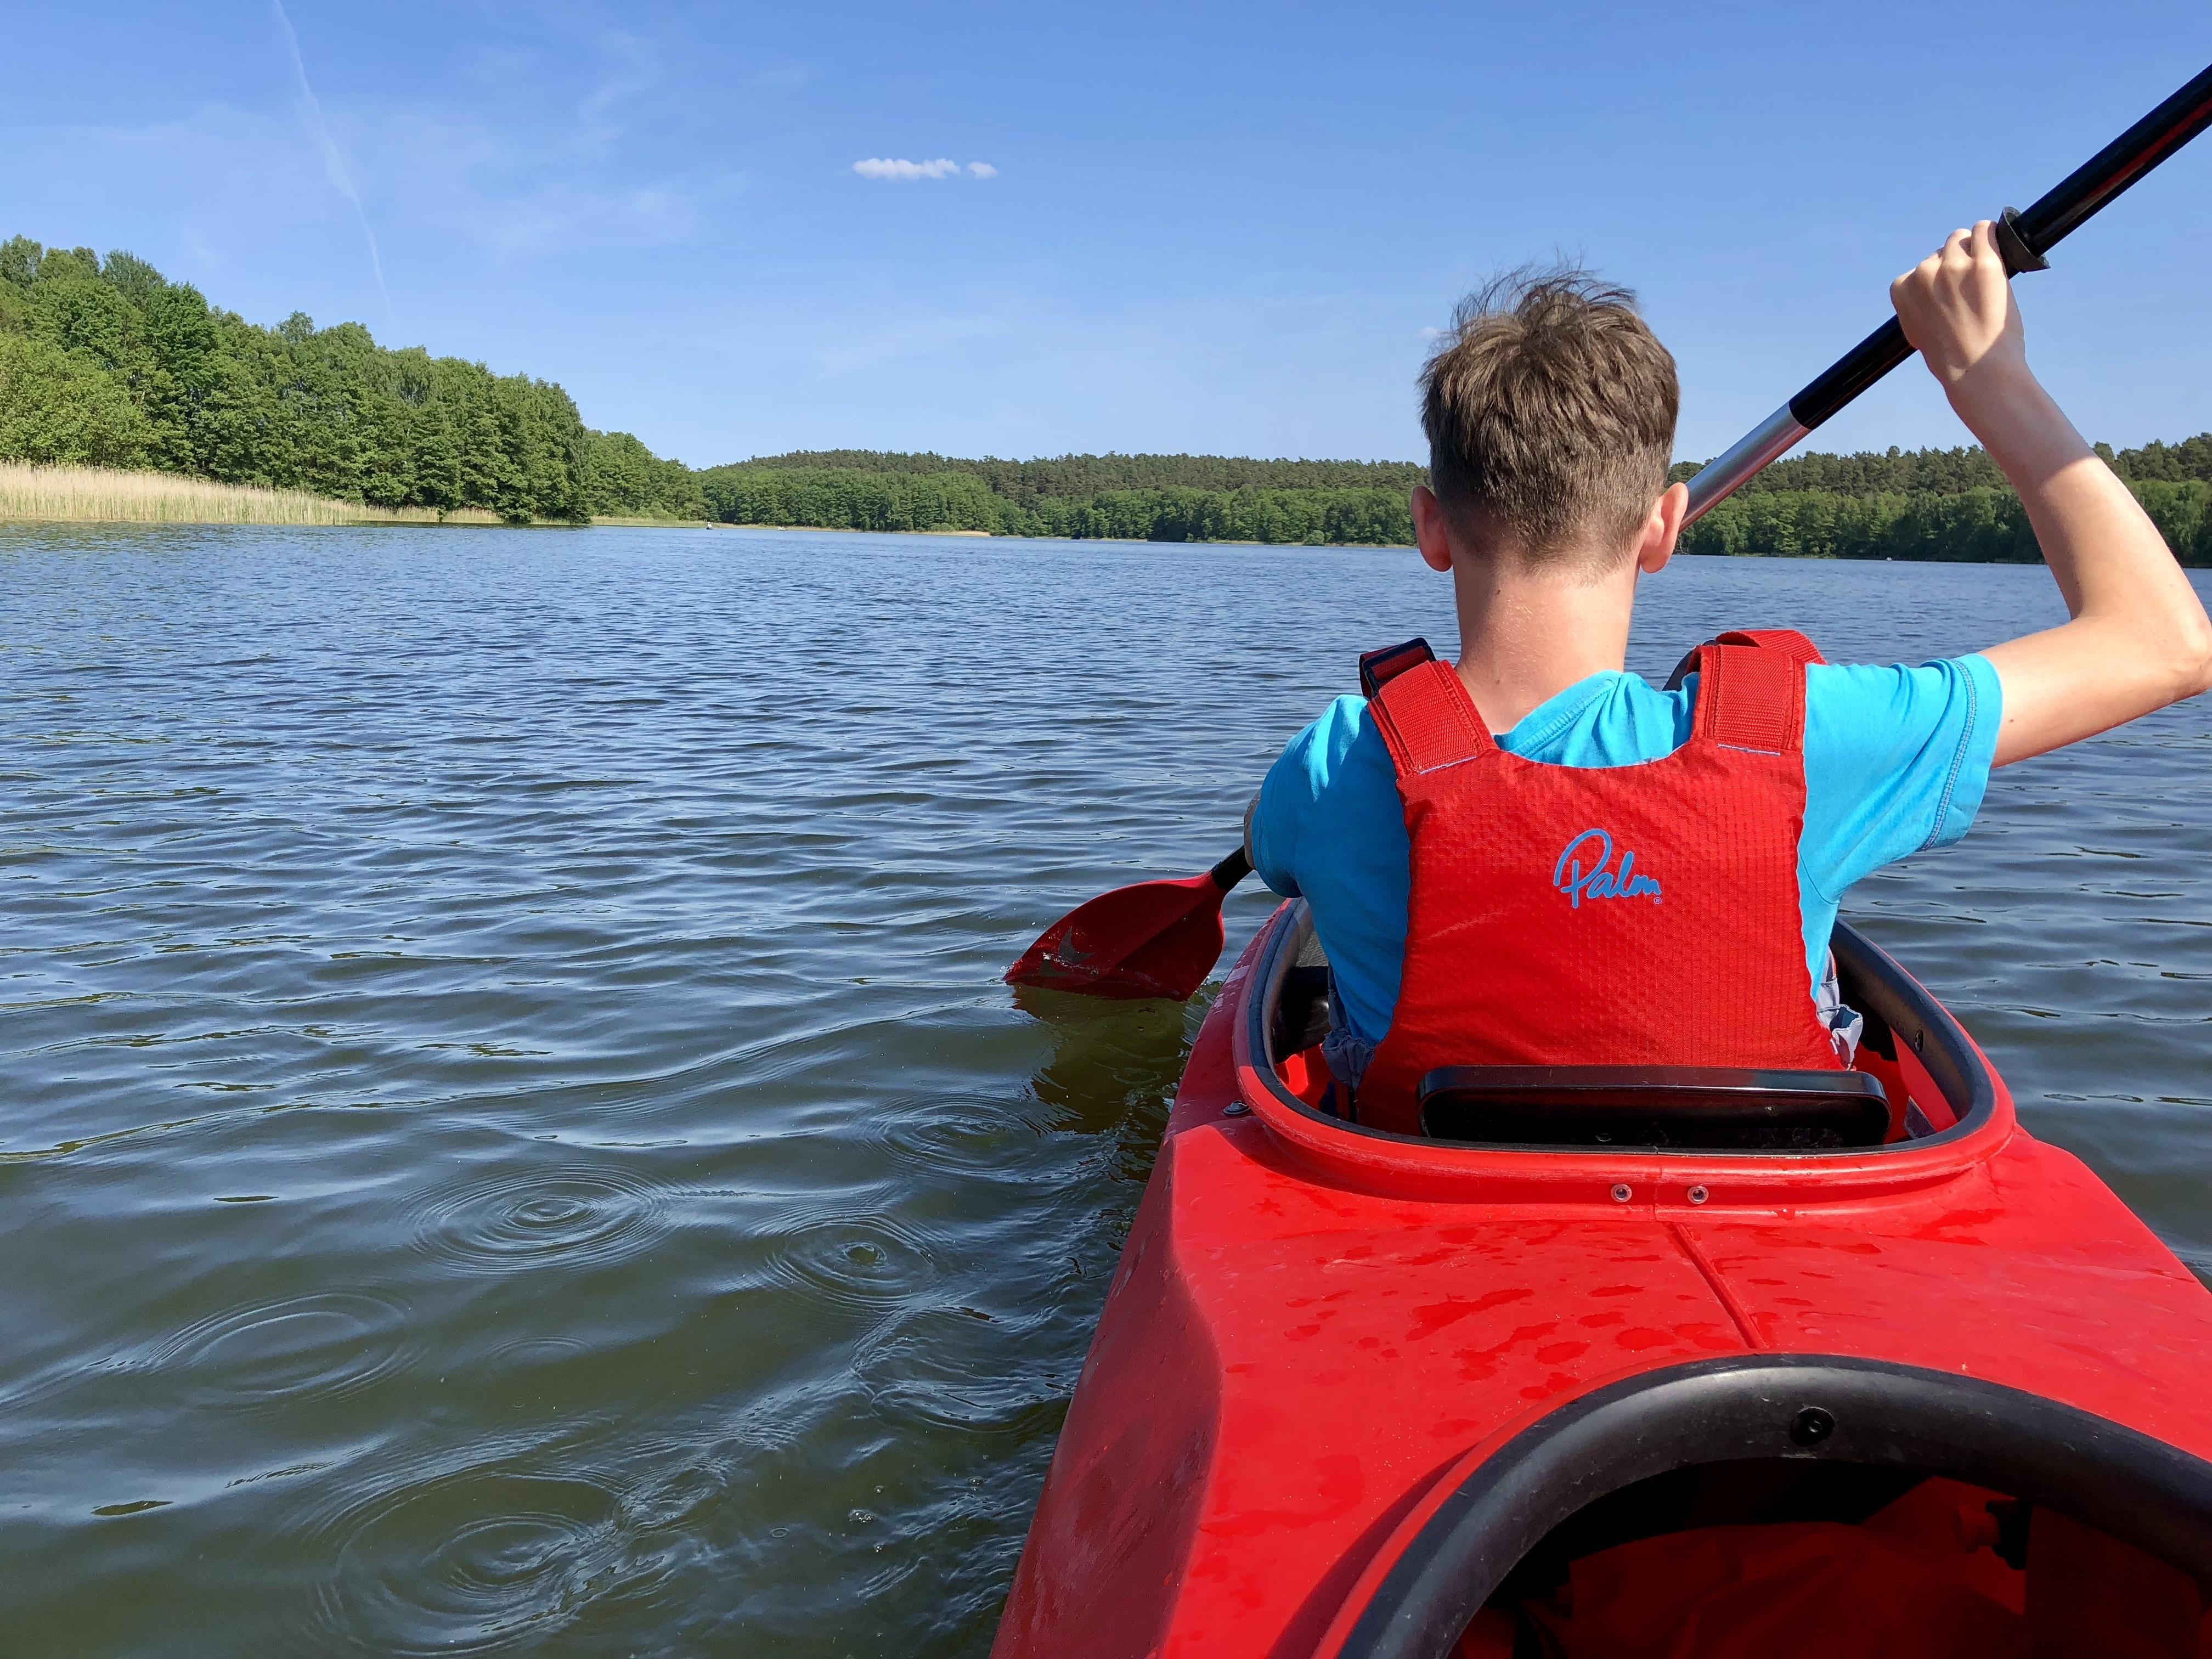 man paddling while riding kayak